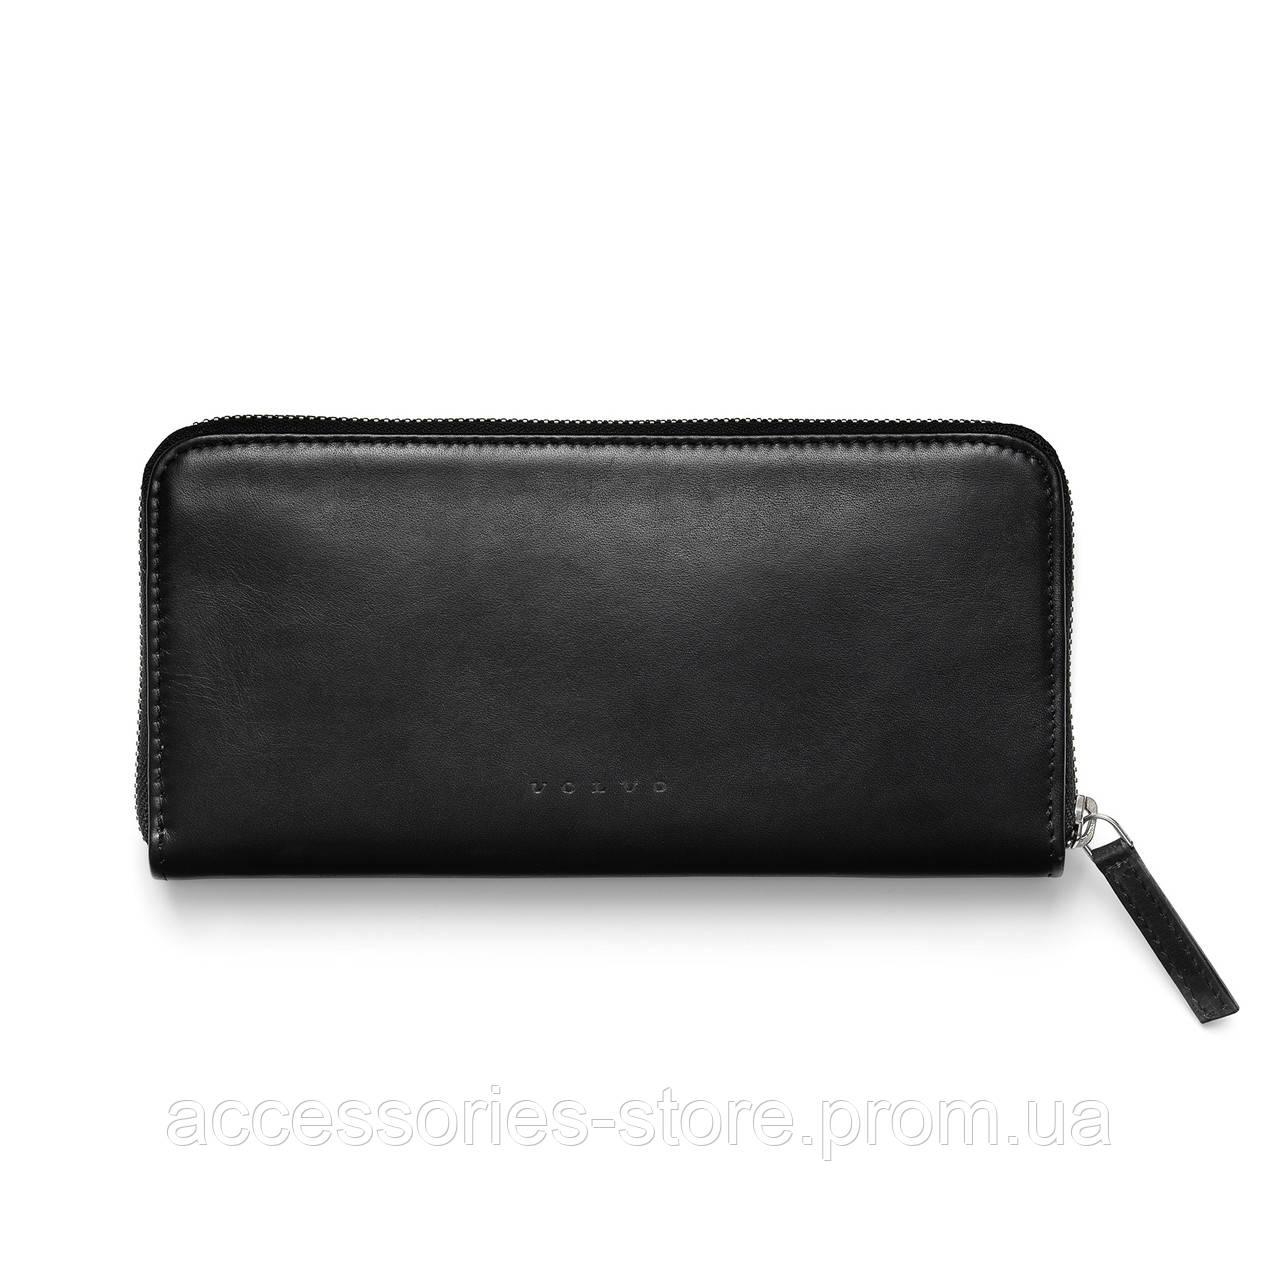 Кожаный кошелек Volvo Leather Travel Wallet